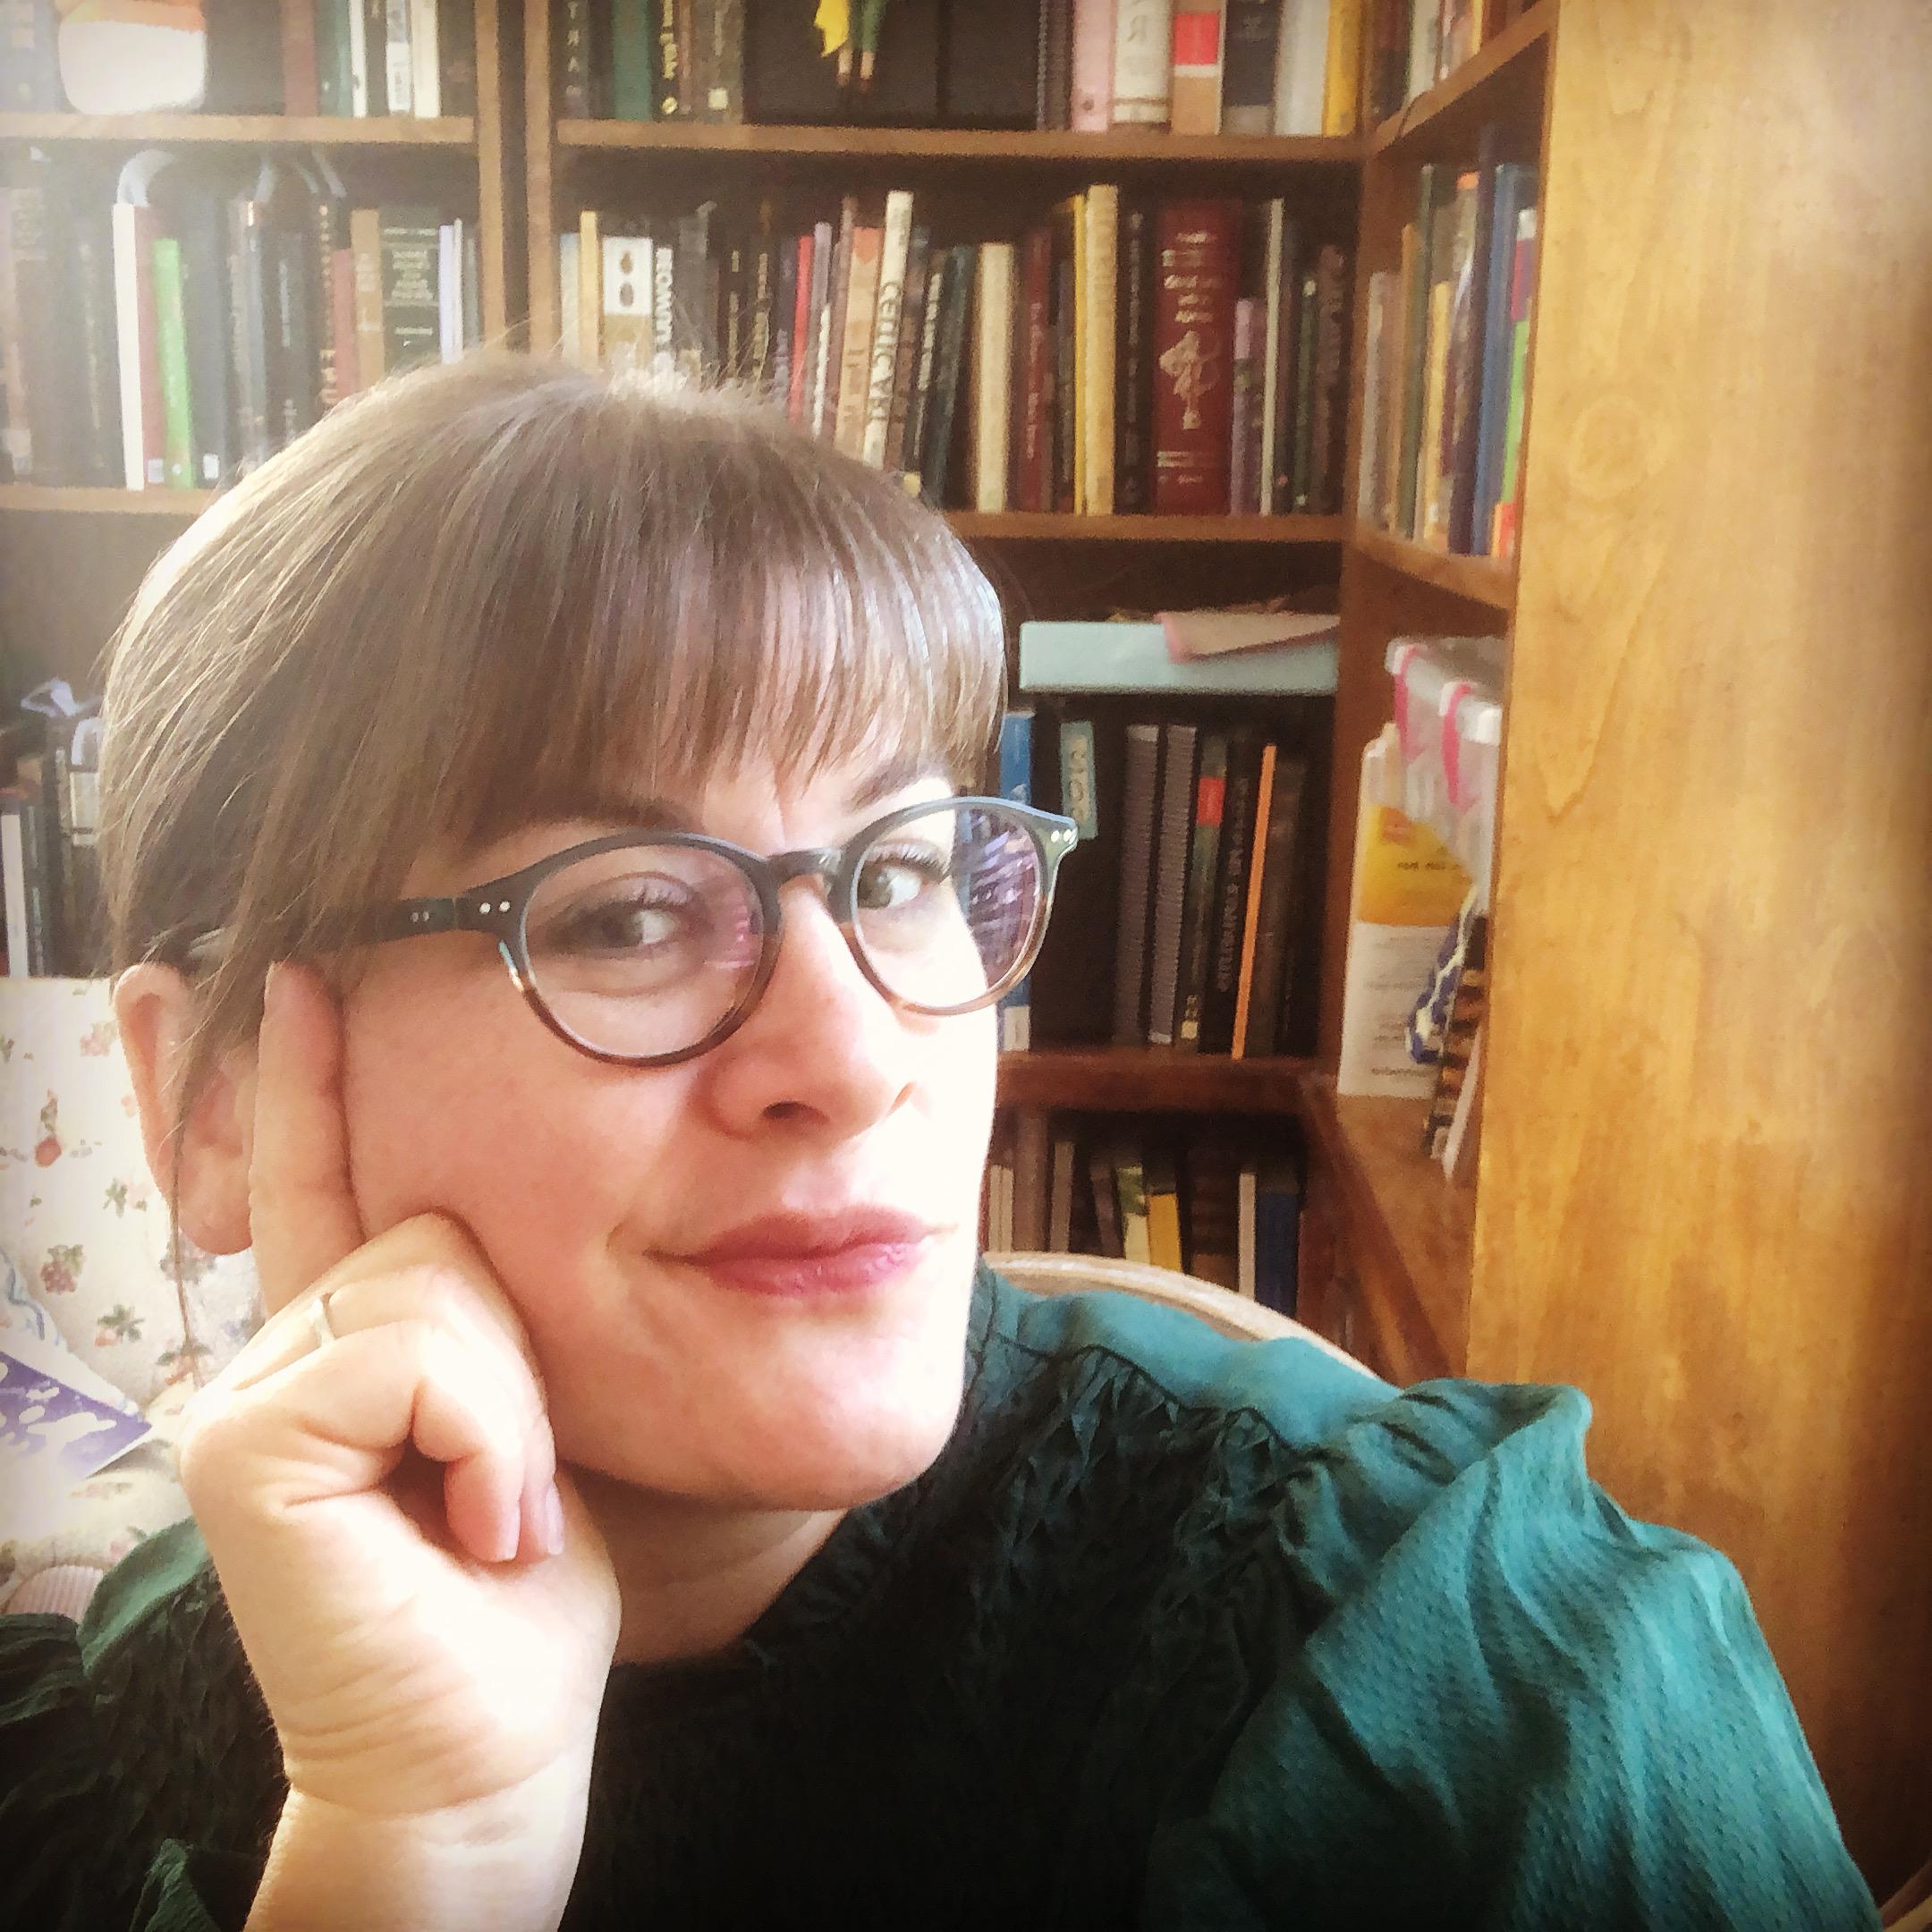 Shelley Williams